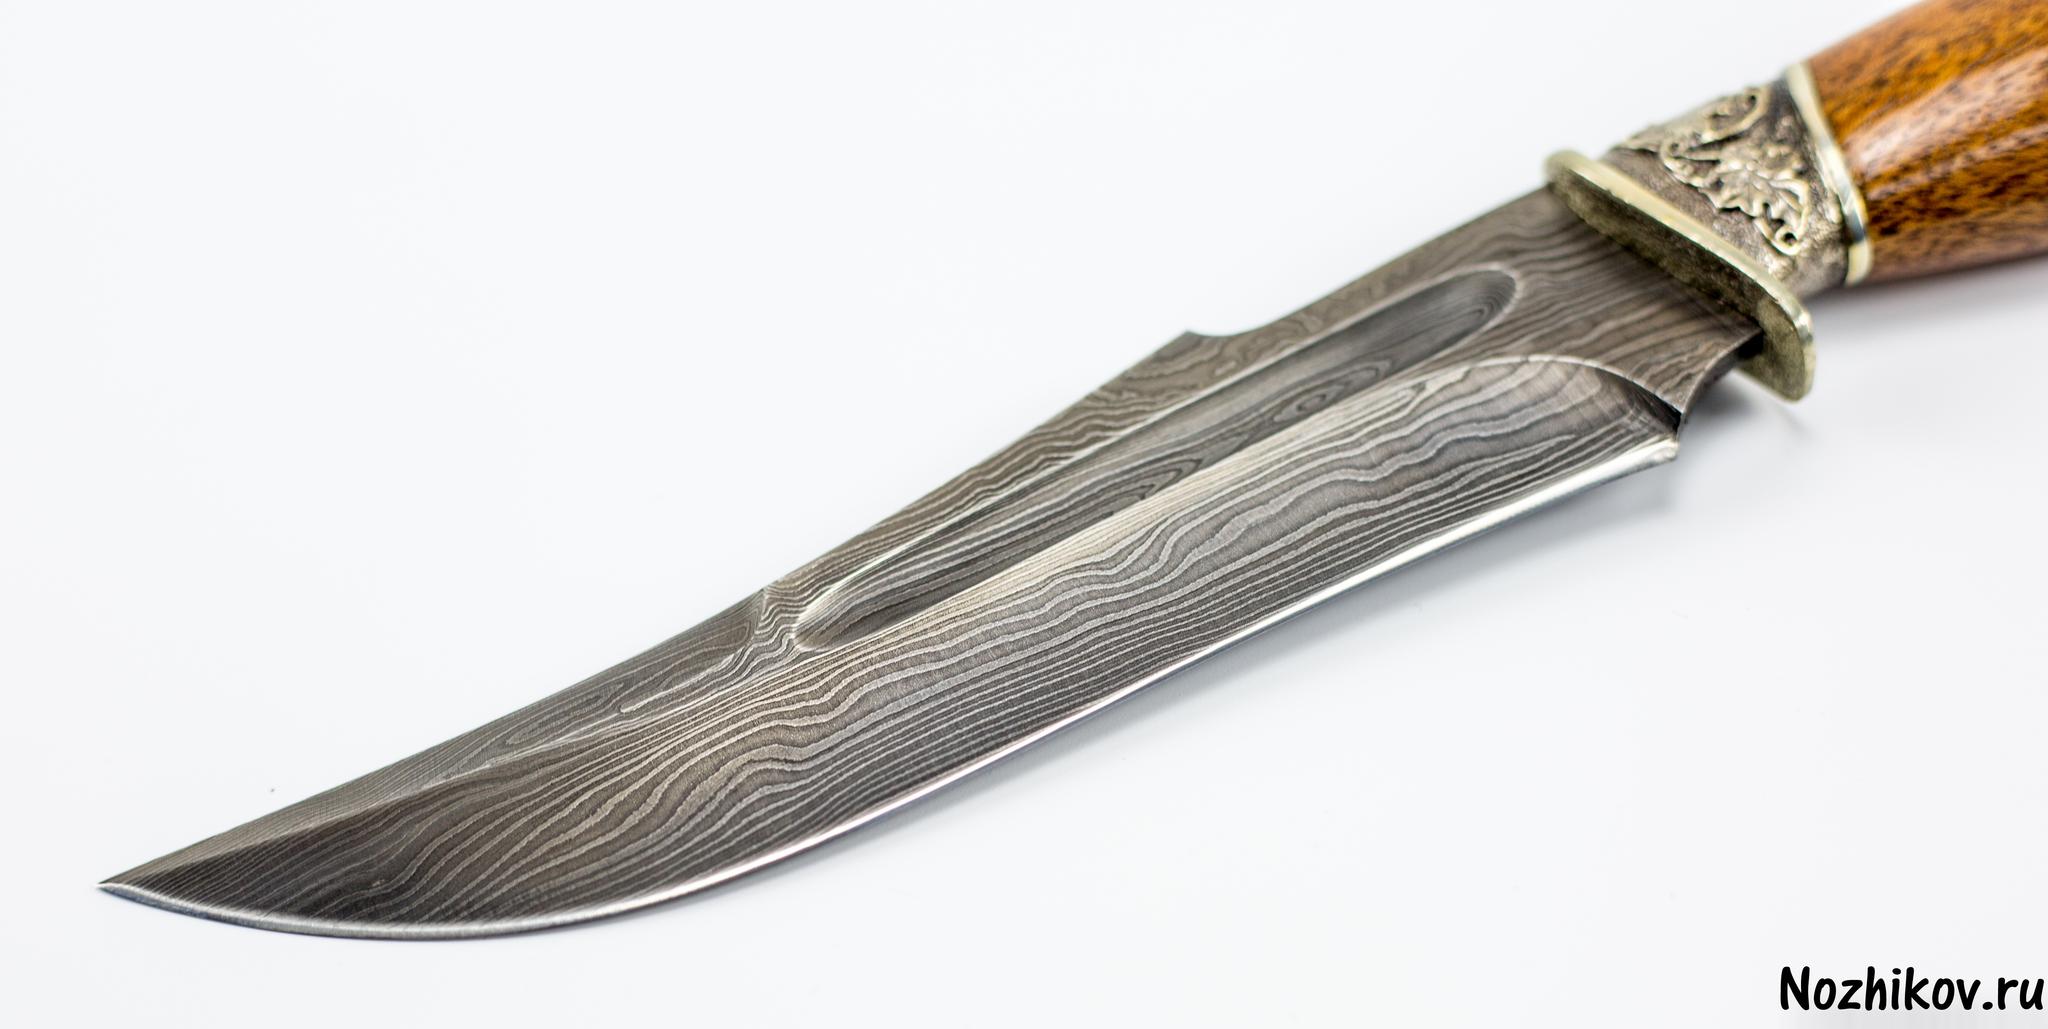 Фото 19 - Авторский Нож из Дамаска №14, Кизляр от Noname